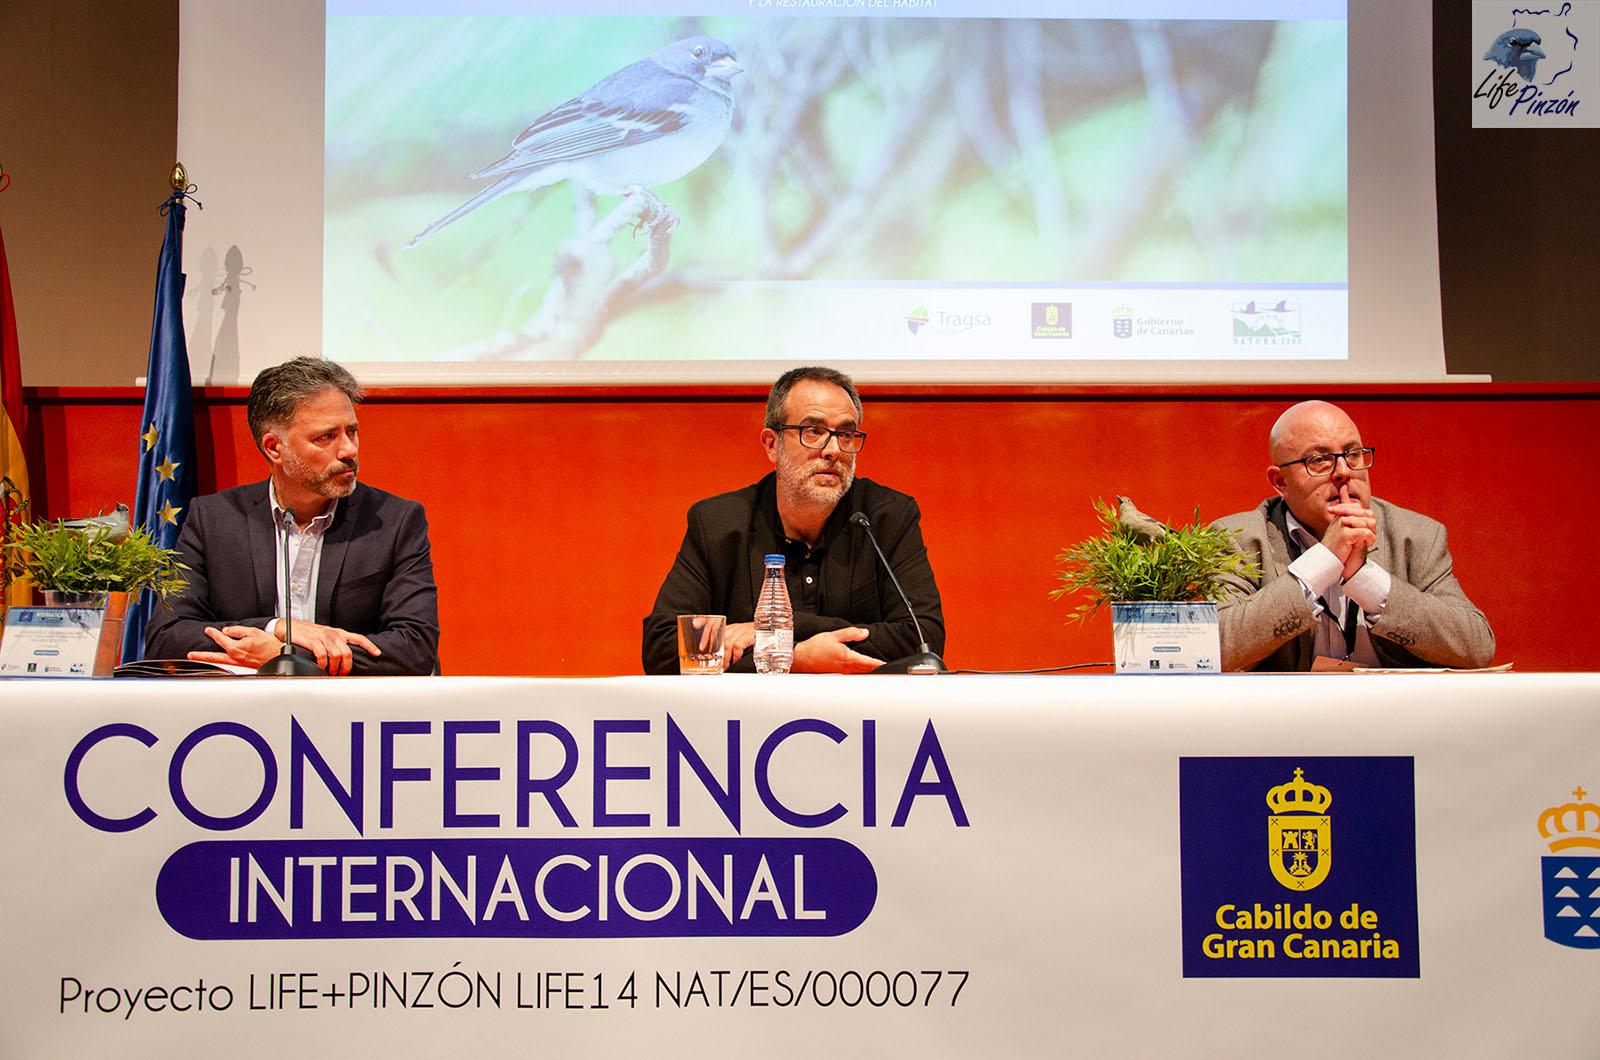 Inauguracion Conferencia Internacional 2